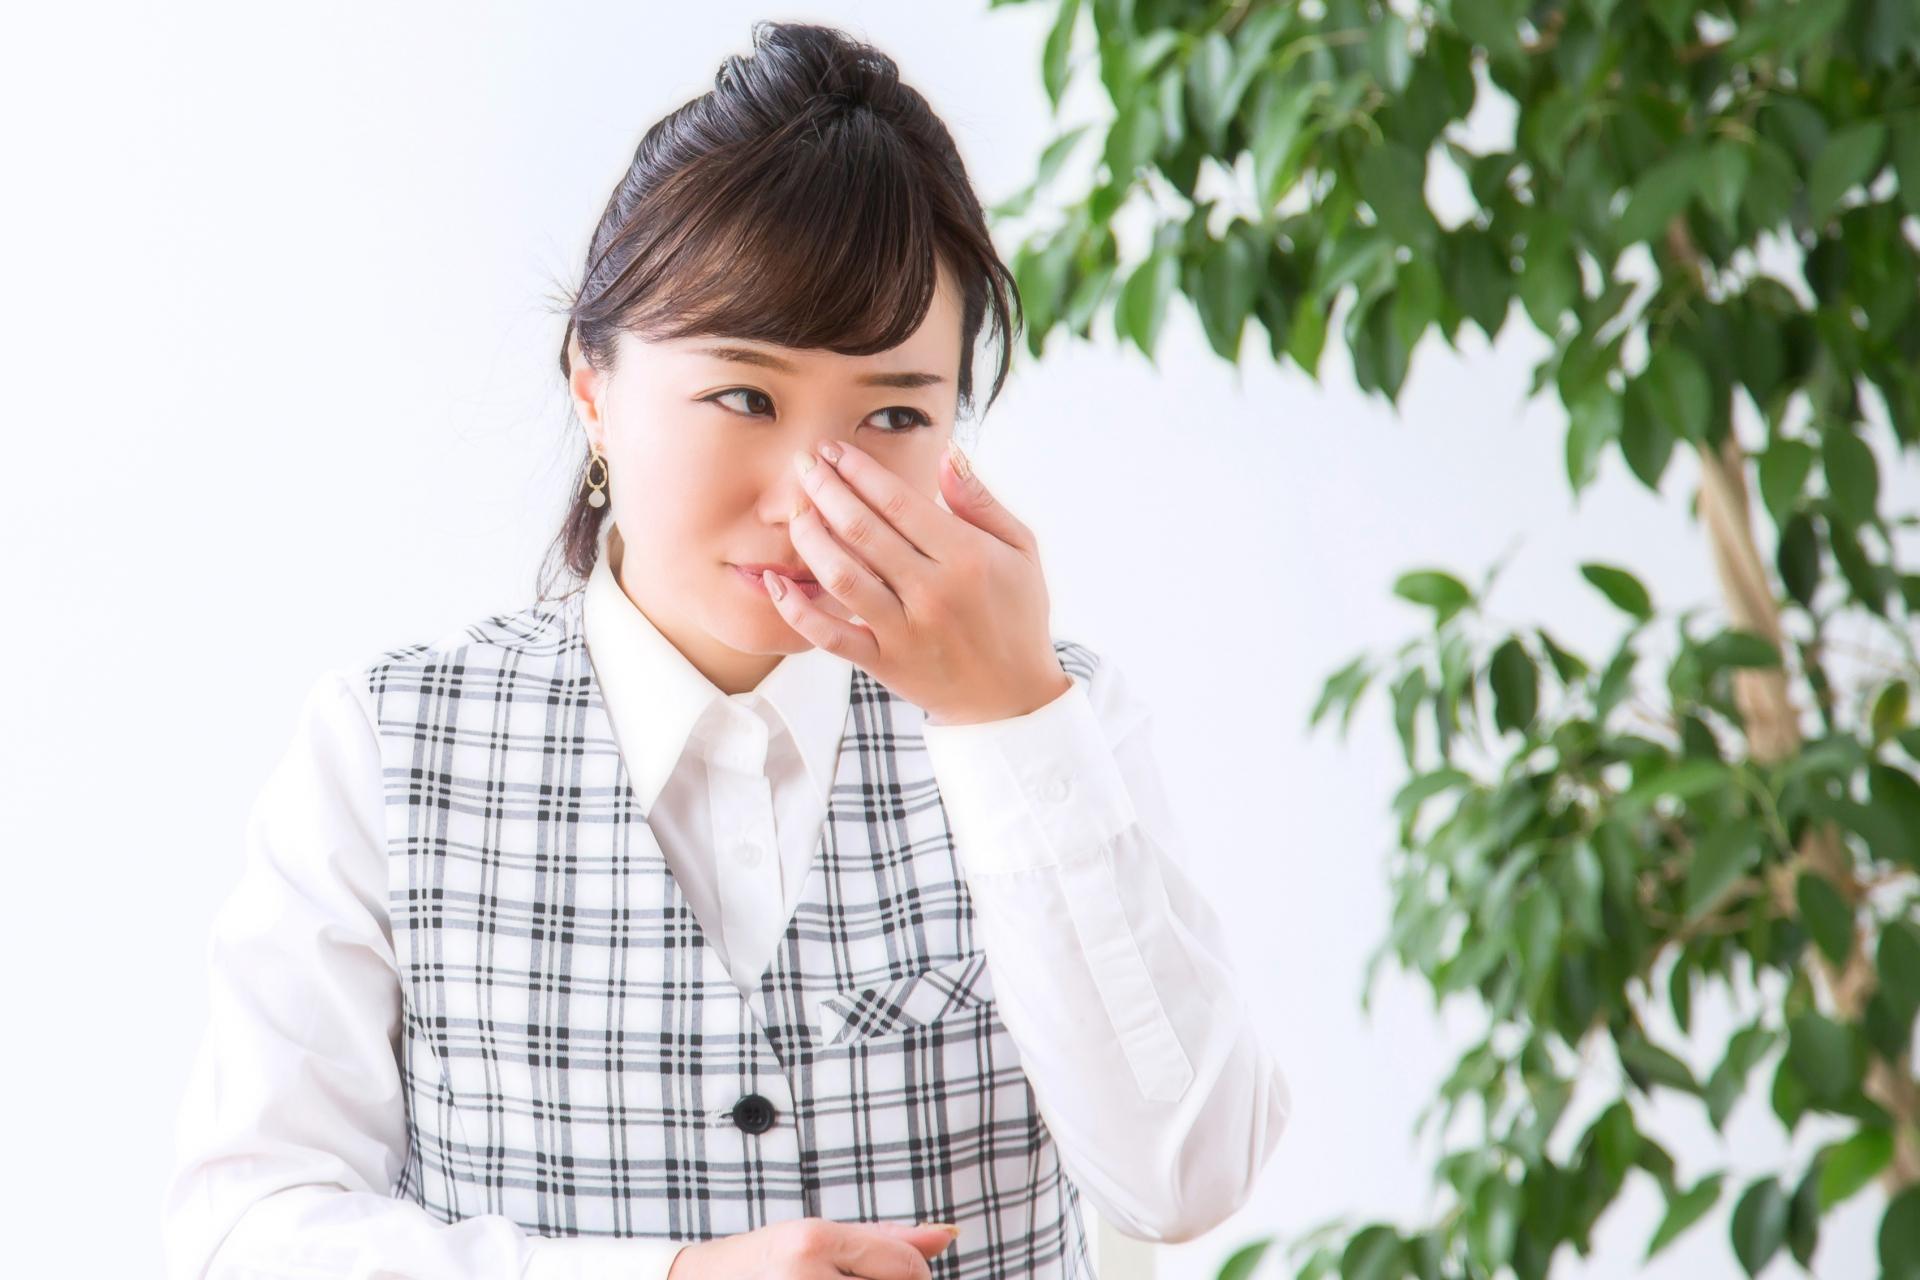 目の周りの乾燥を気にする女性